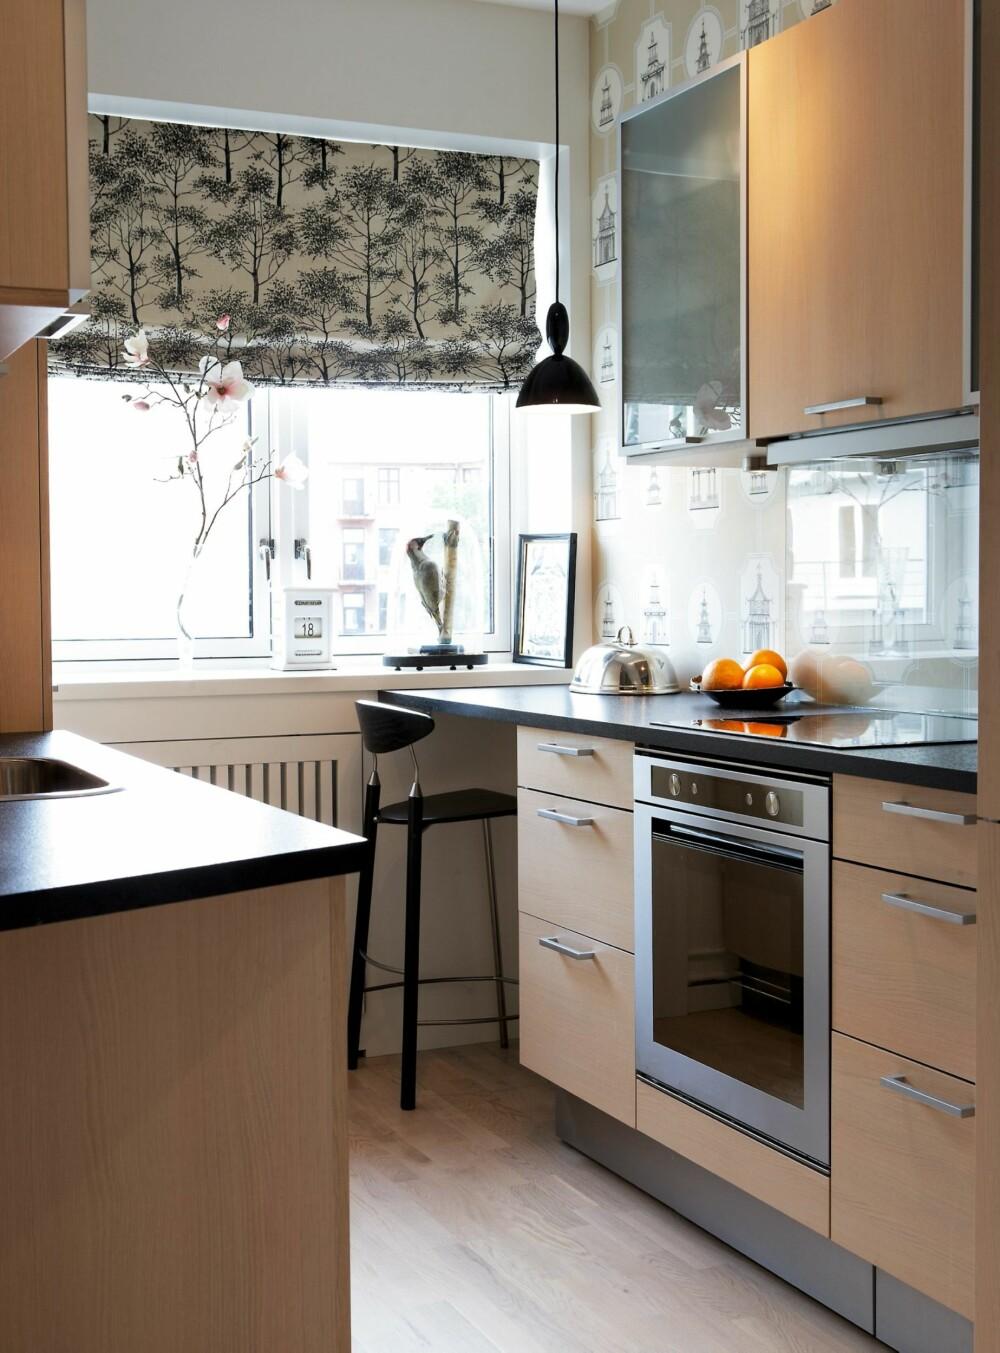 FIFFIG. Liftgardinene og tapetet har mønster i diskret fargenyanser som fungerer sammen. Sprutpanel i glass over kjøkkenbenken. I hjørnet ble det plass til et arbeidsbord. Kjøkkeninnredning og barkrakk fra HTH.